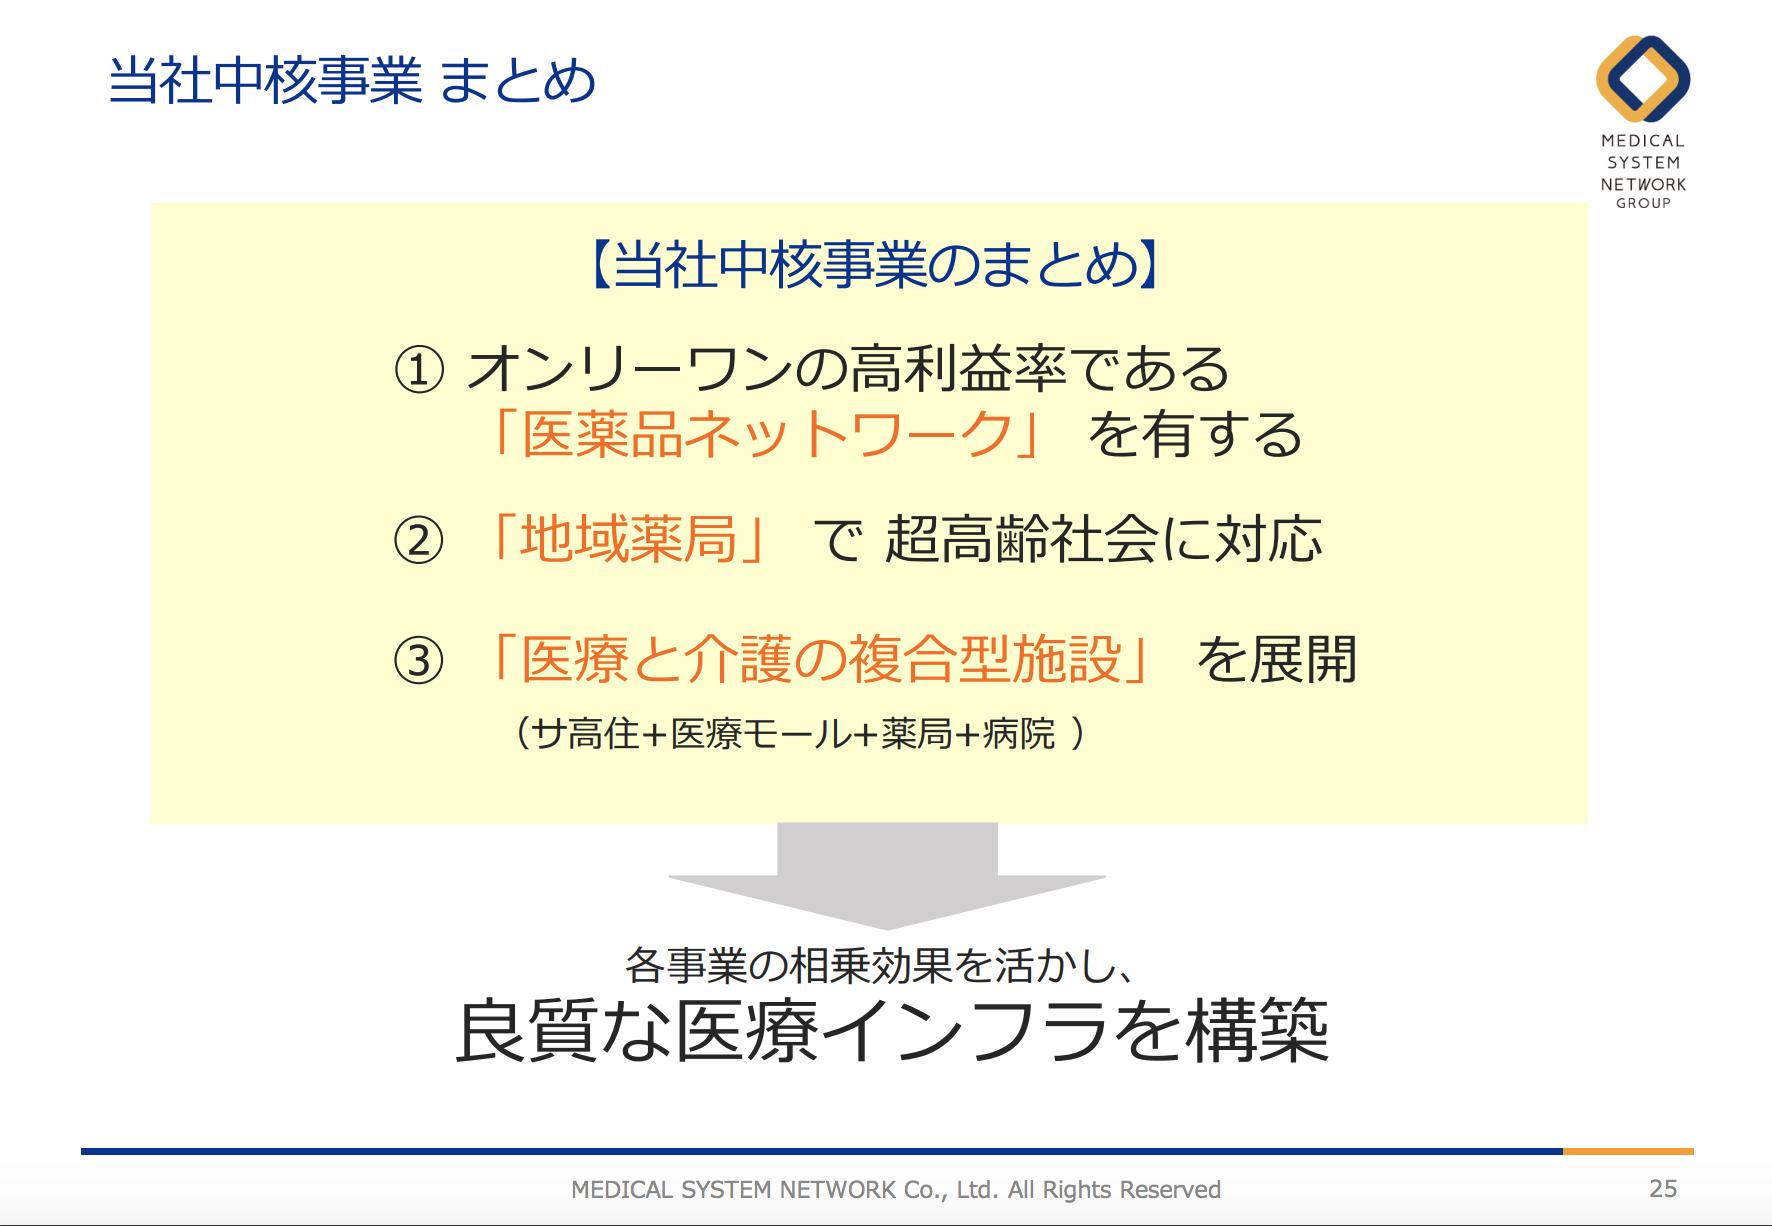 スクリーンショット 2021-02-20 23.39.47.png (274.1 kB)